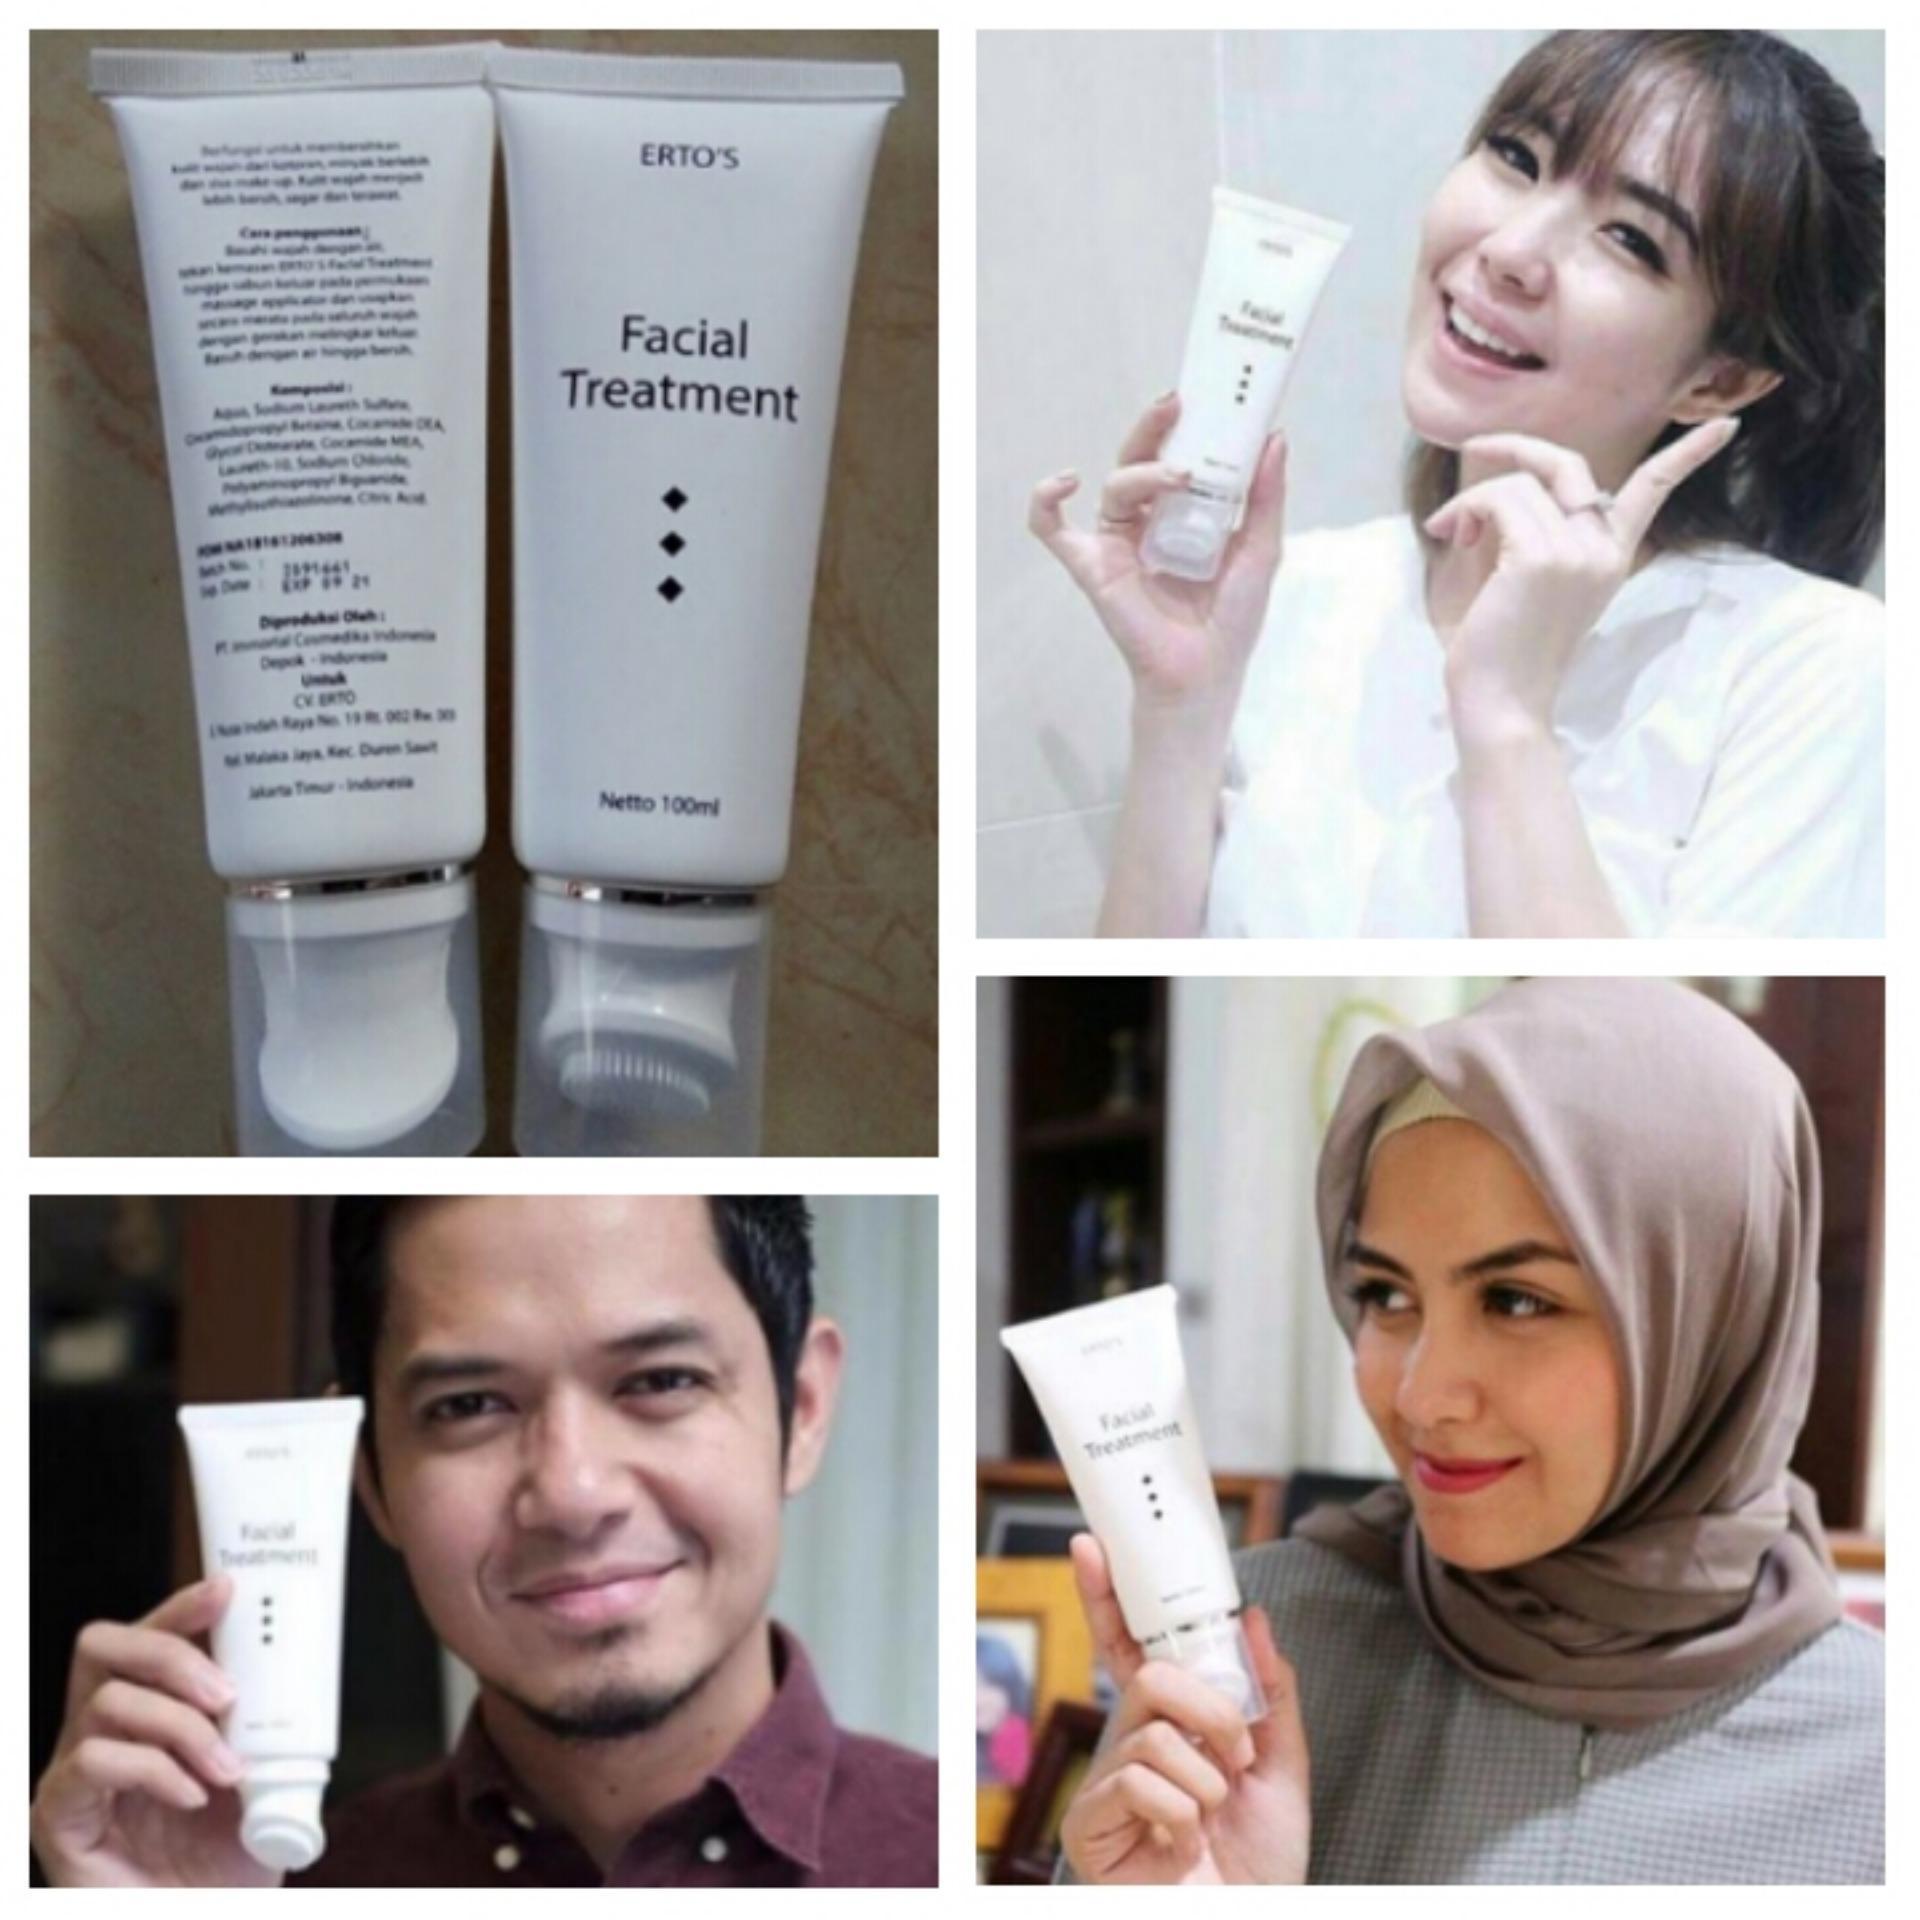 Cek Harga Baru Ertos Facial Treatment 100 Ml Original Dan Bpom Facian